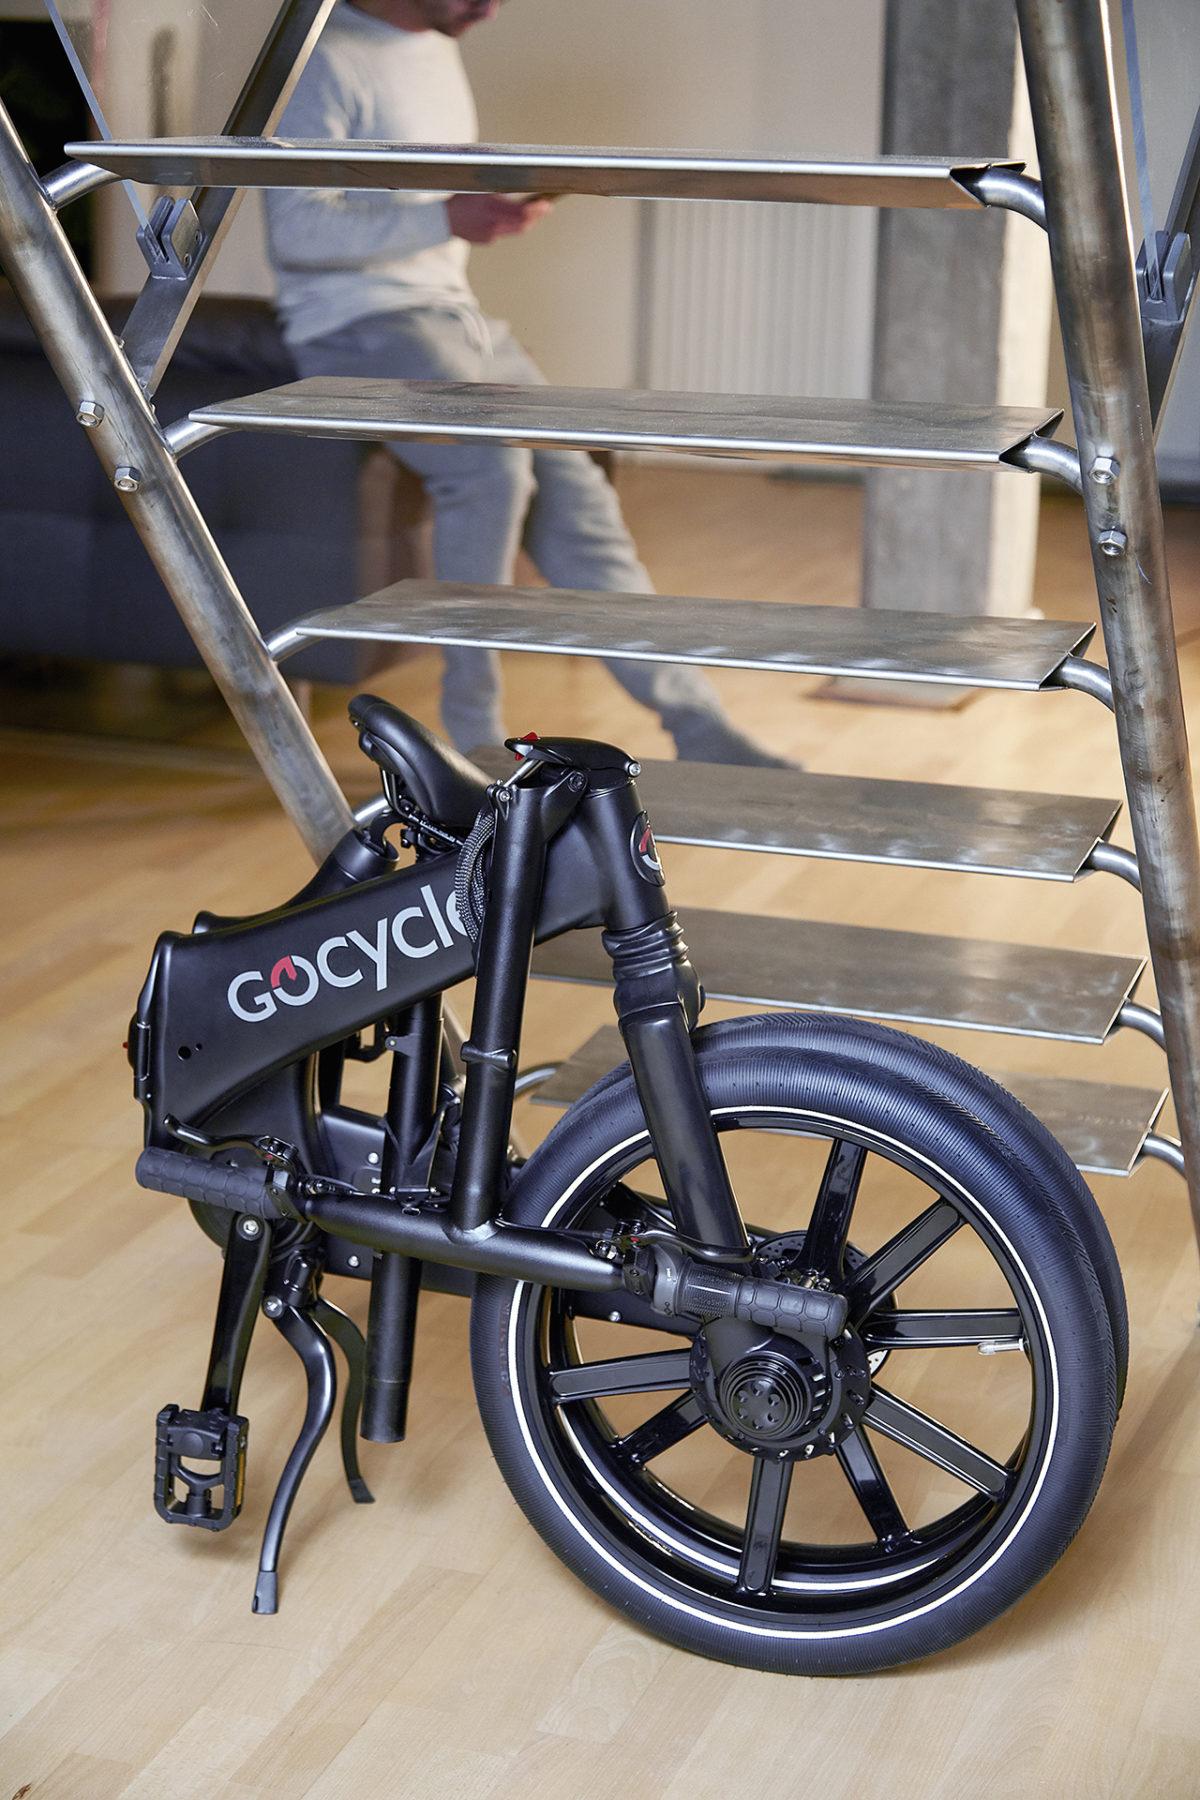 Gocycle GX zusammengeklappt